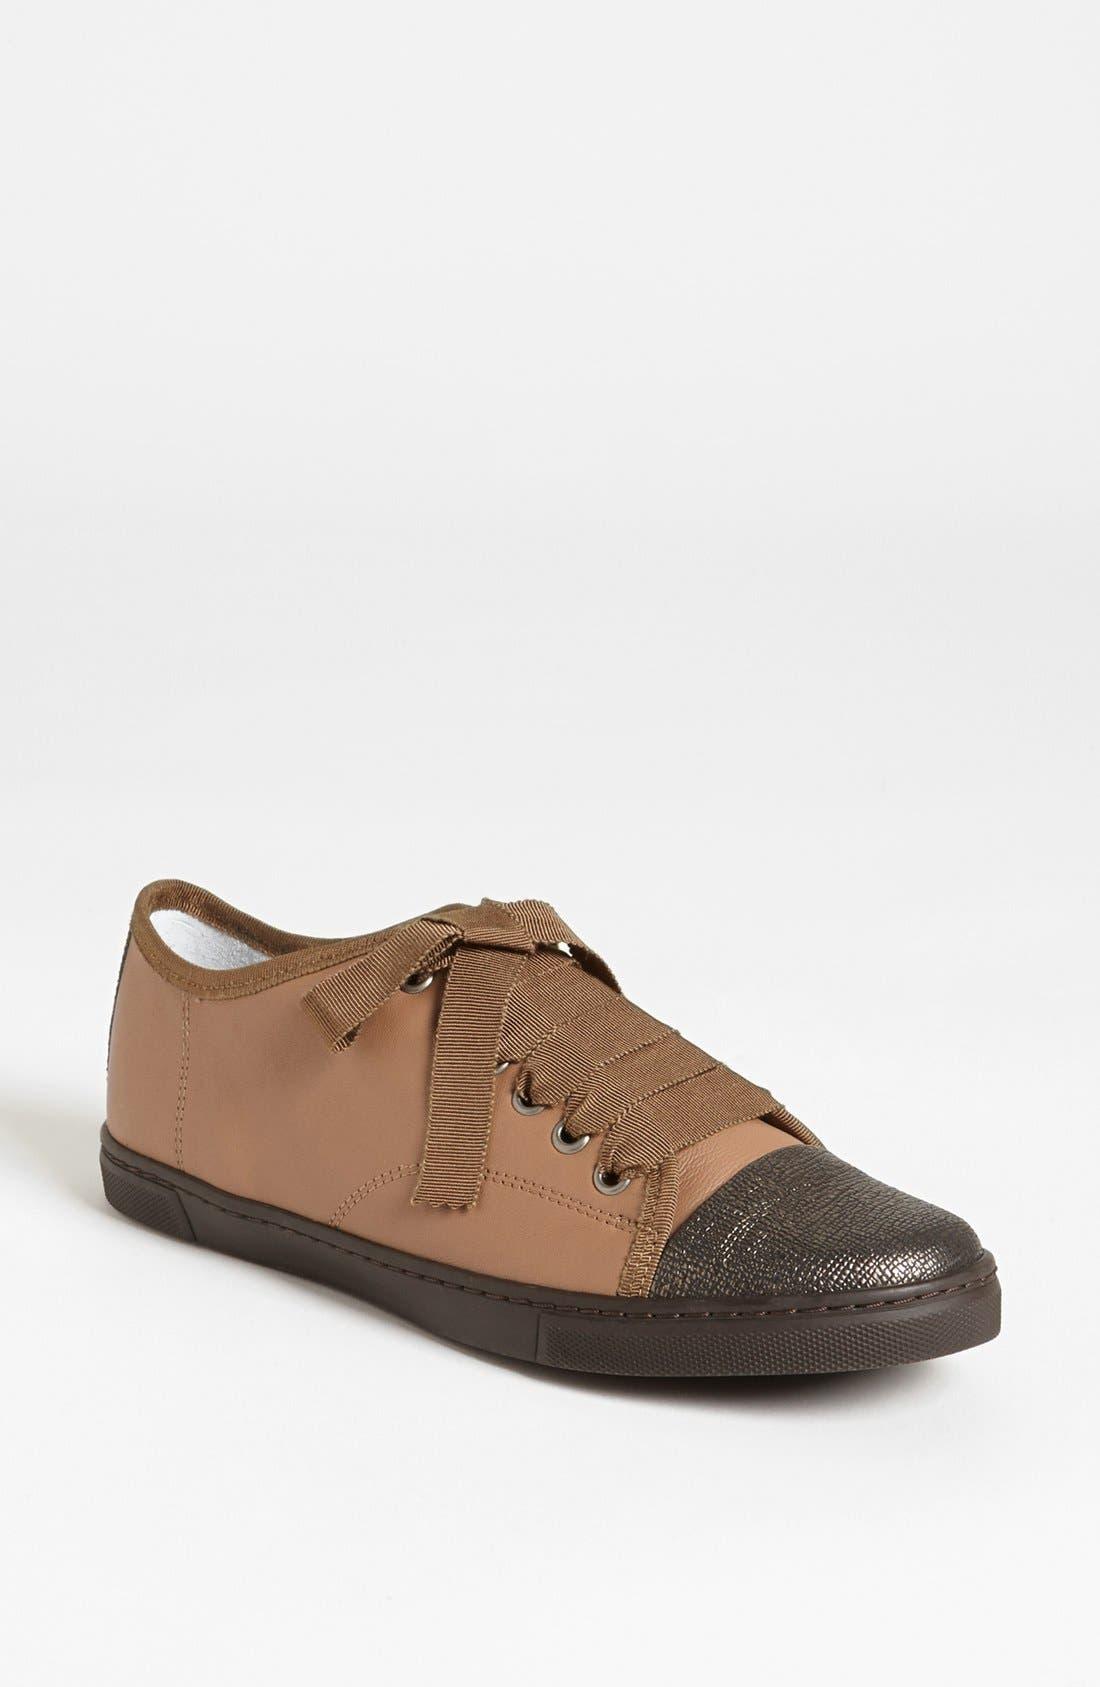 Alternate Image 1 Selected - Lanvin Low Sneaker